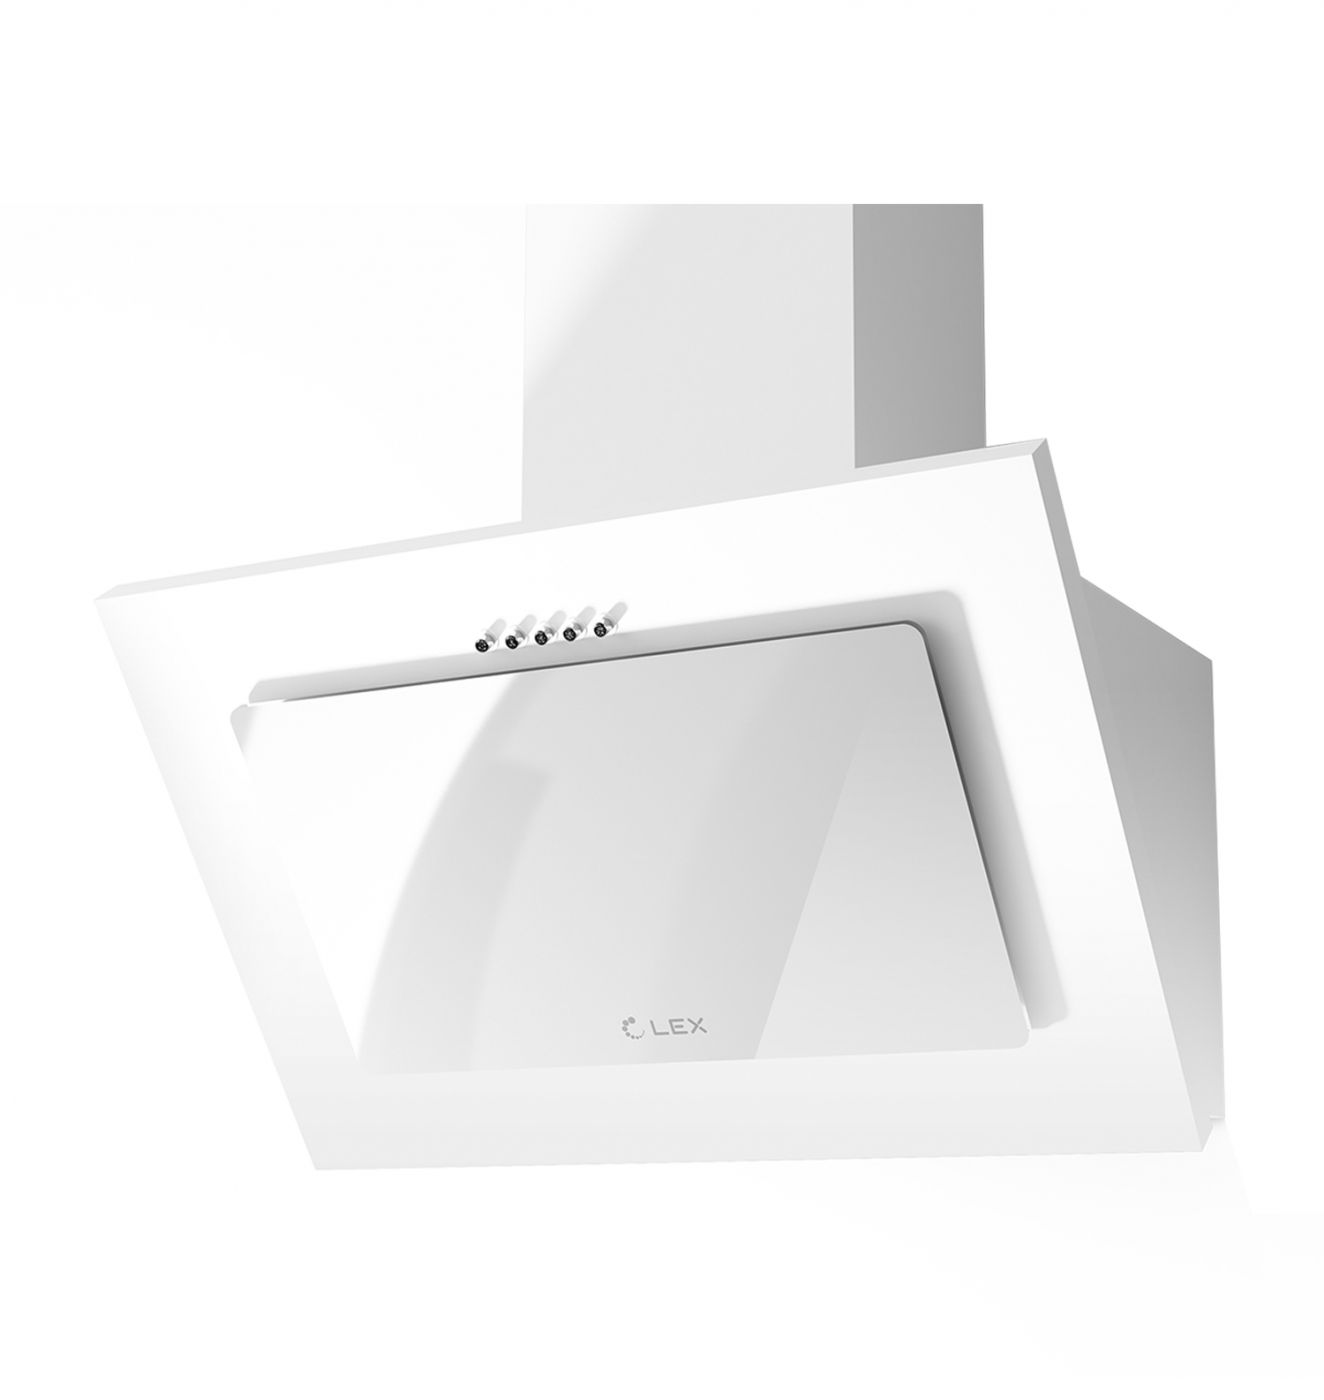 Кухонная вытяжка Lex MIKA 600 WHITE (CHTI000333)